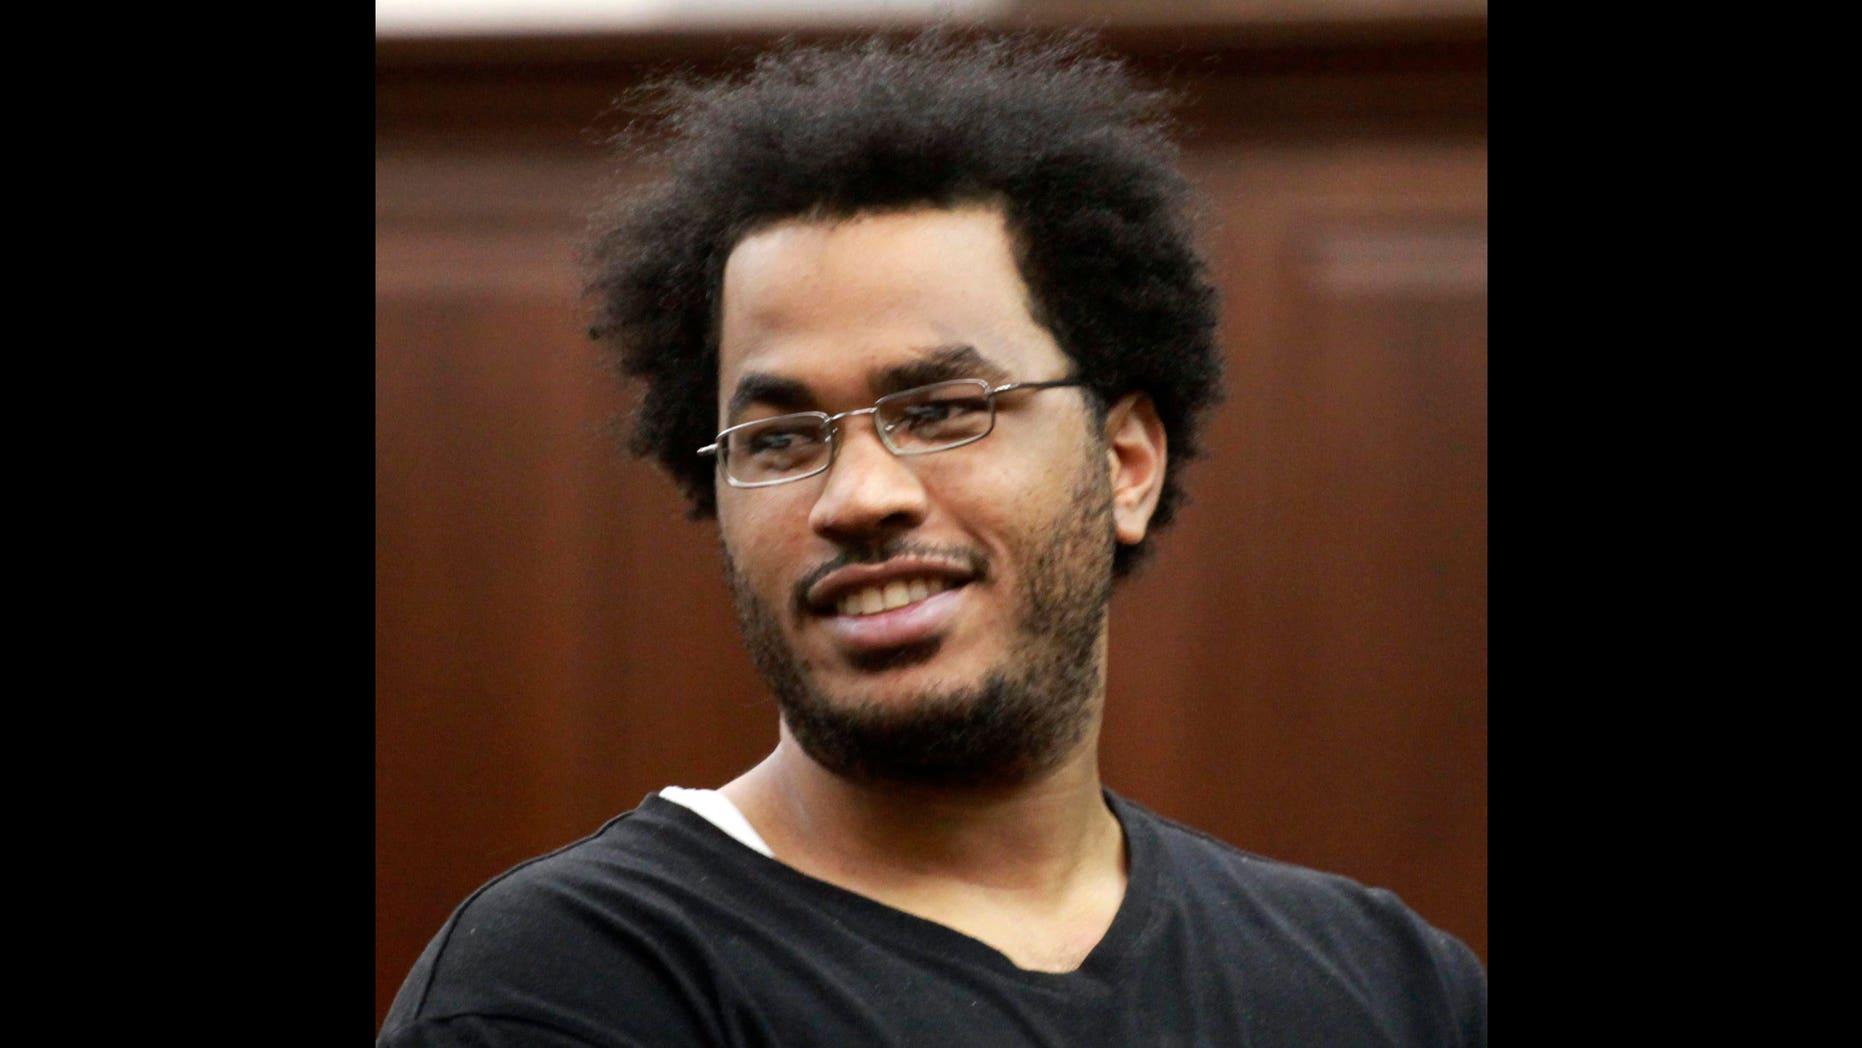 Jose Pimentel during his arraignment at Manhattan criminal court, Nov. 20, 2011, in New York.